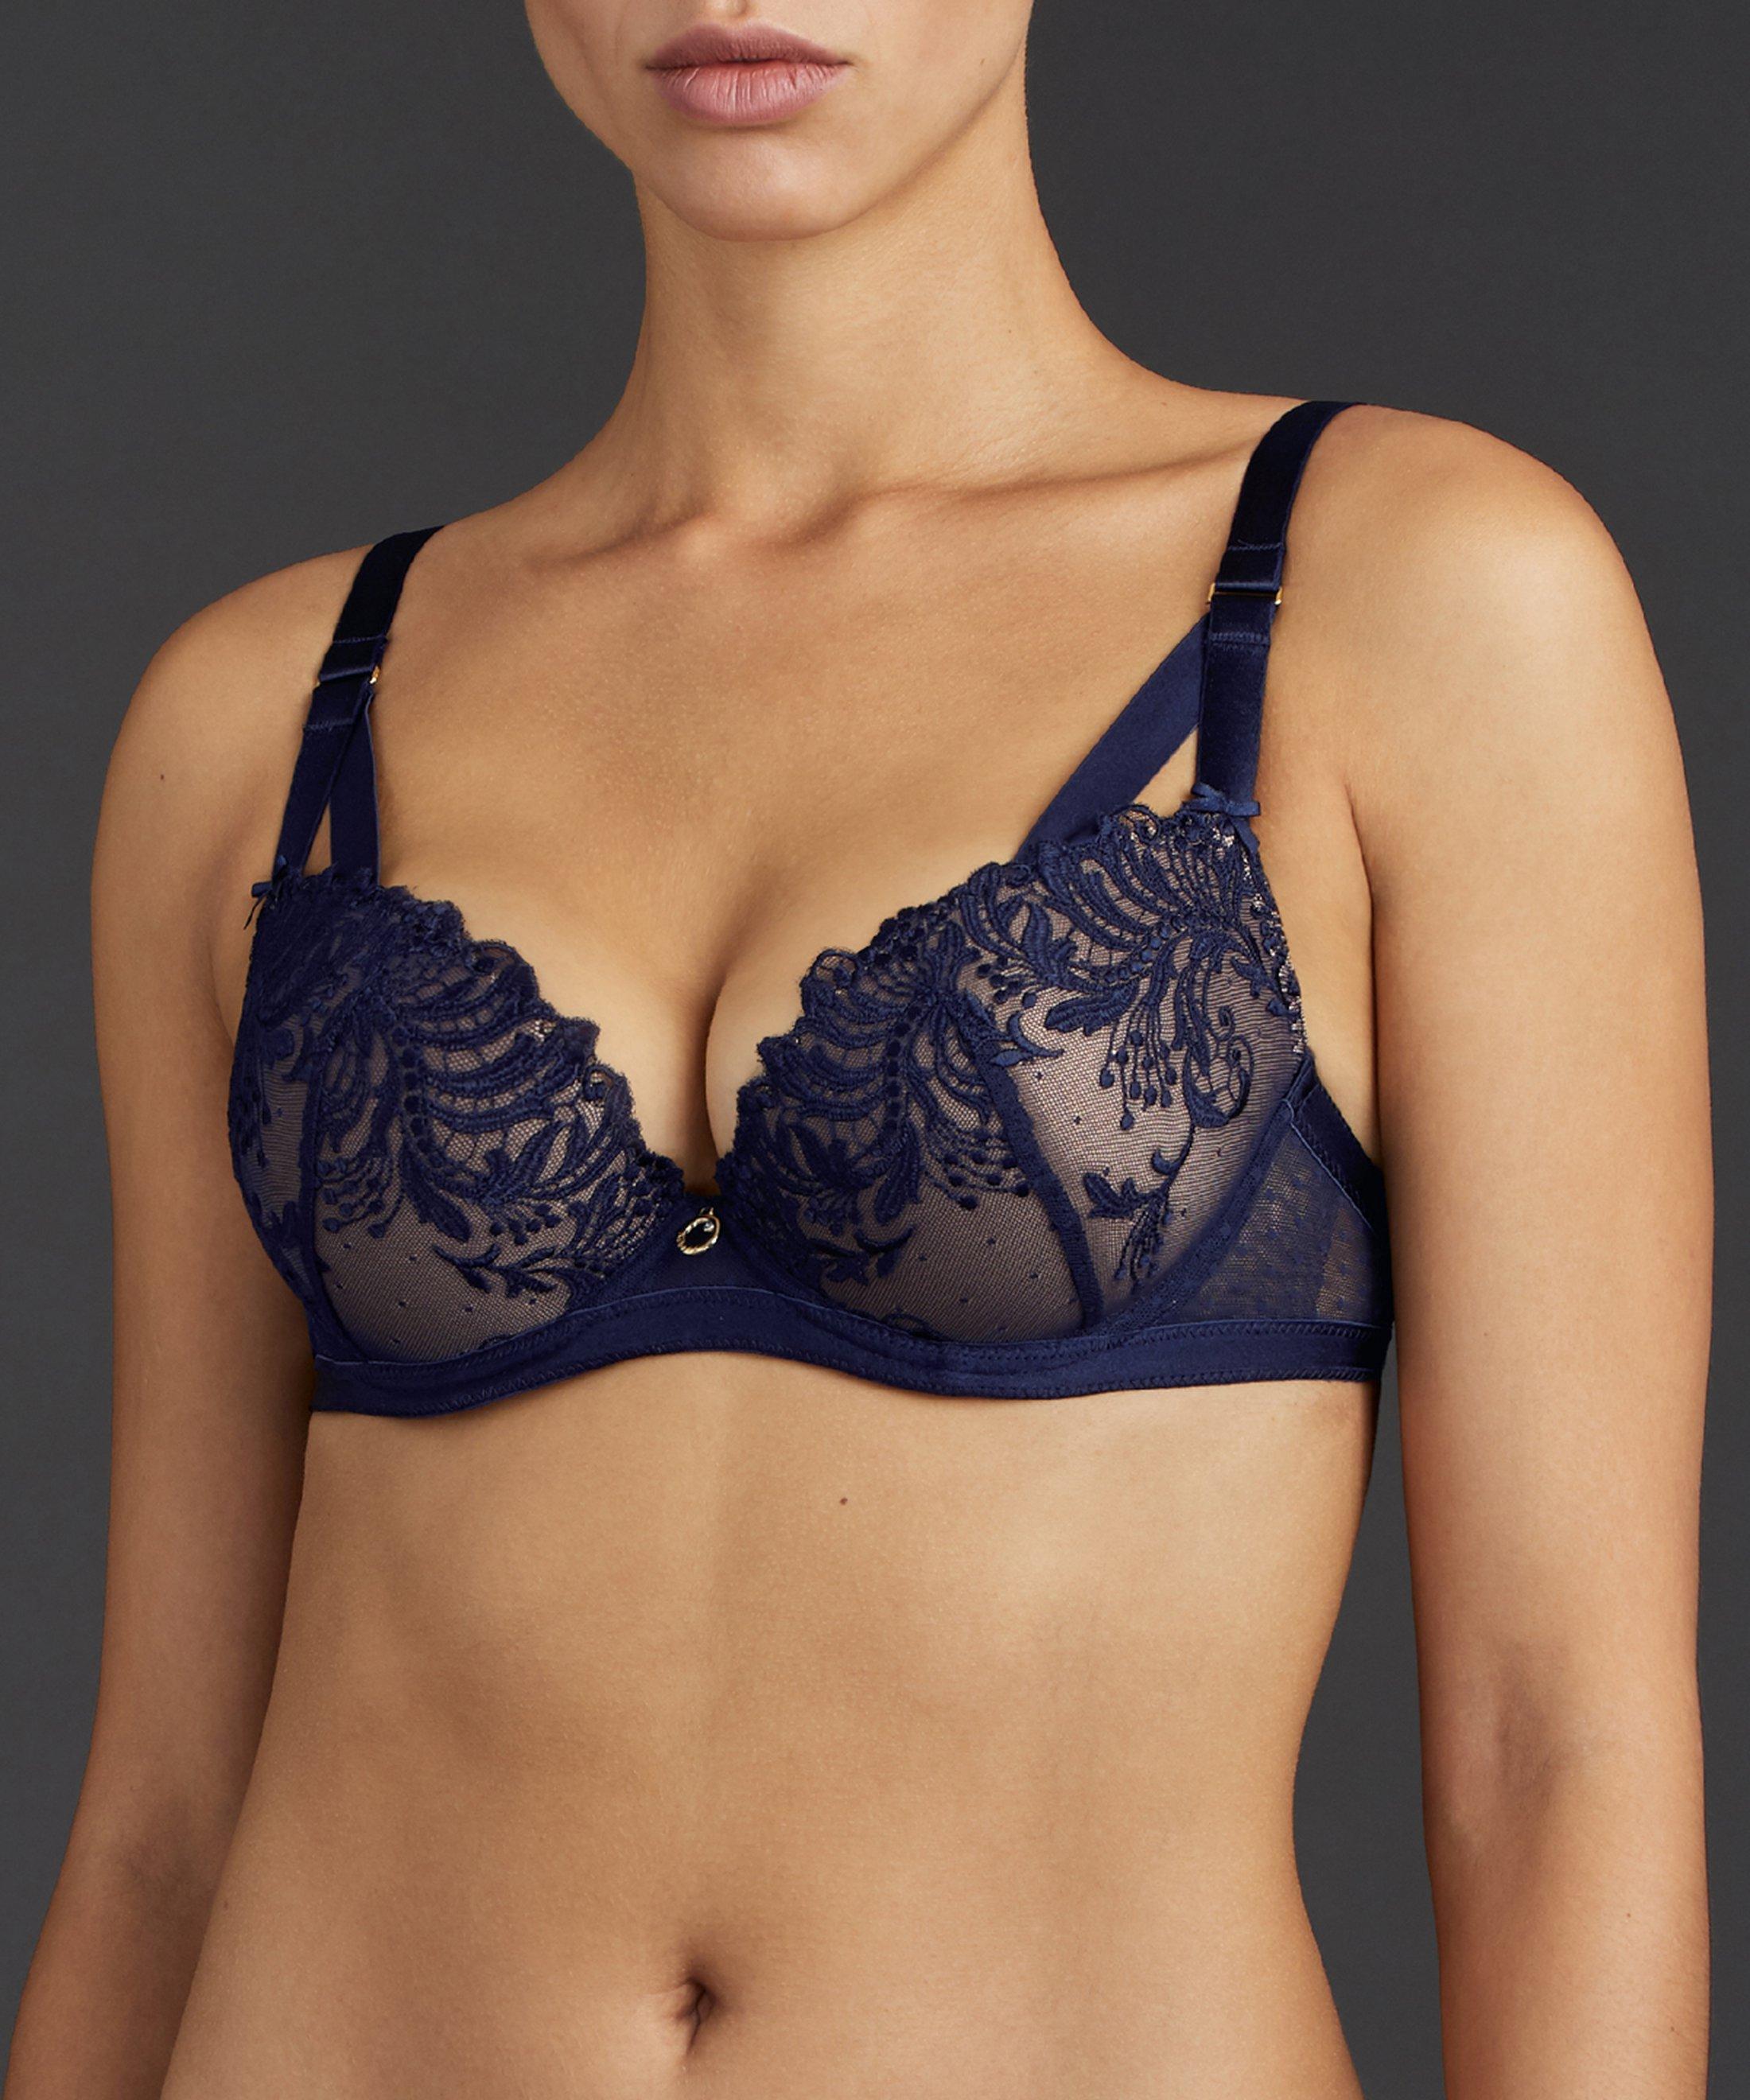 FEMME PASSION Moulded push-up bra Crépuscule Blue | Aubade